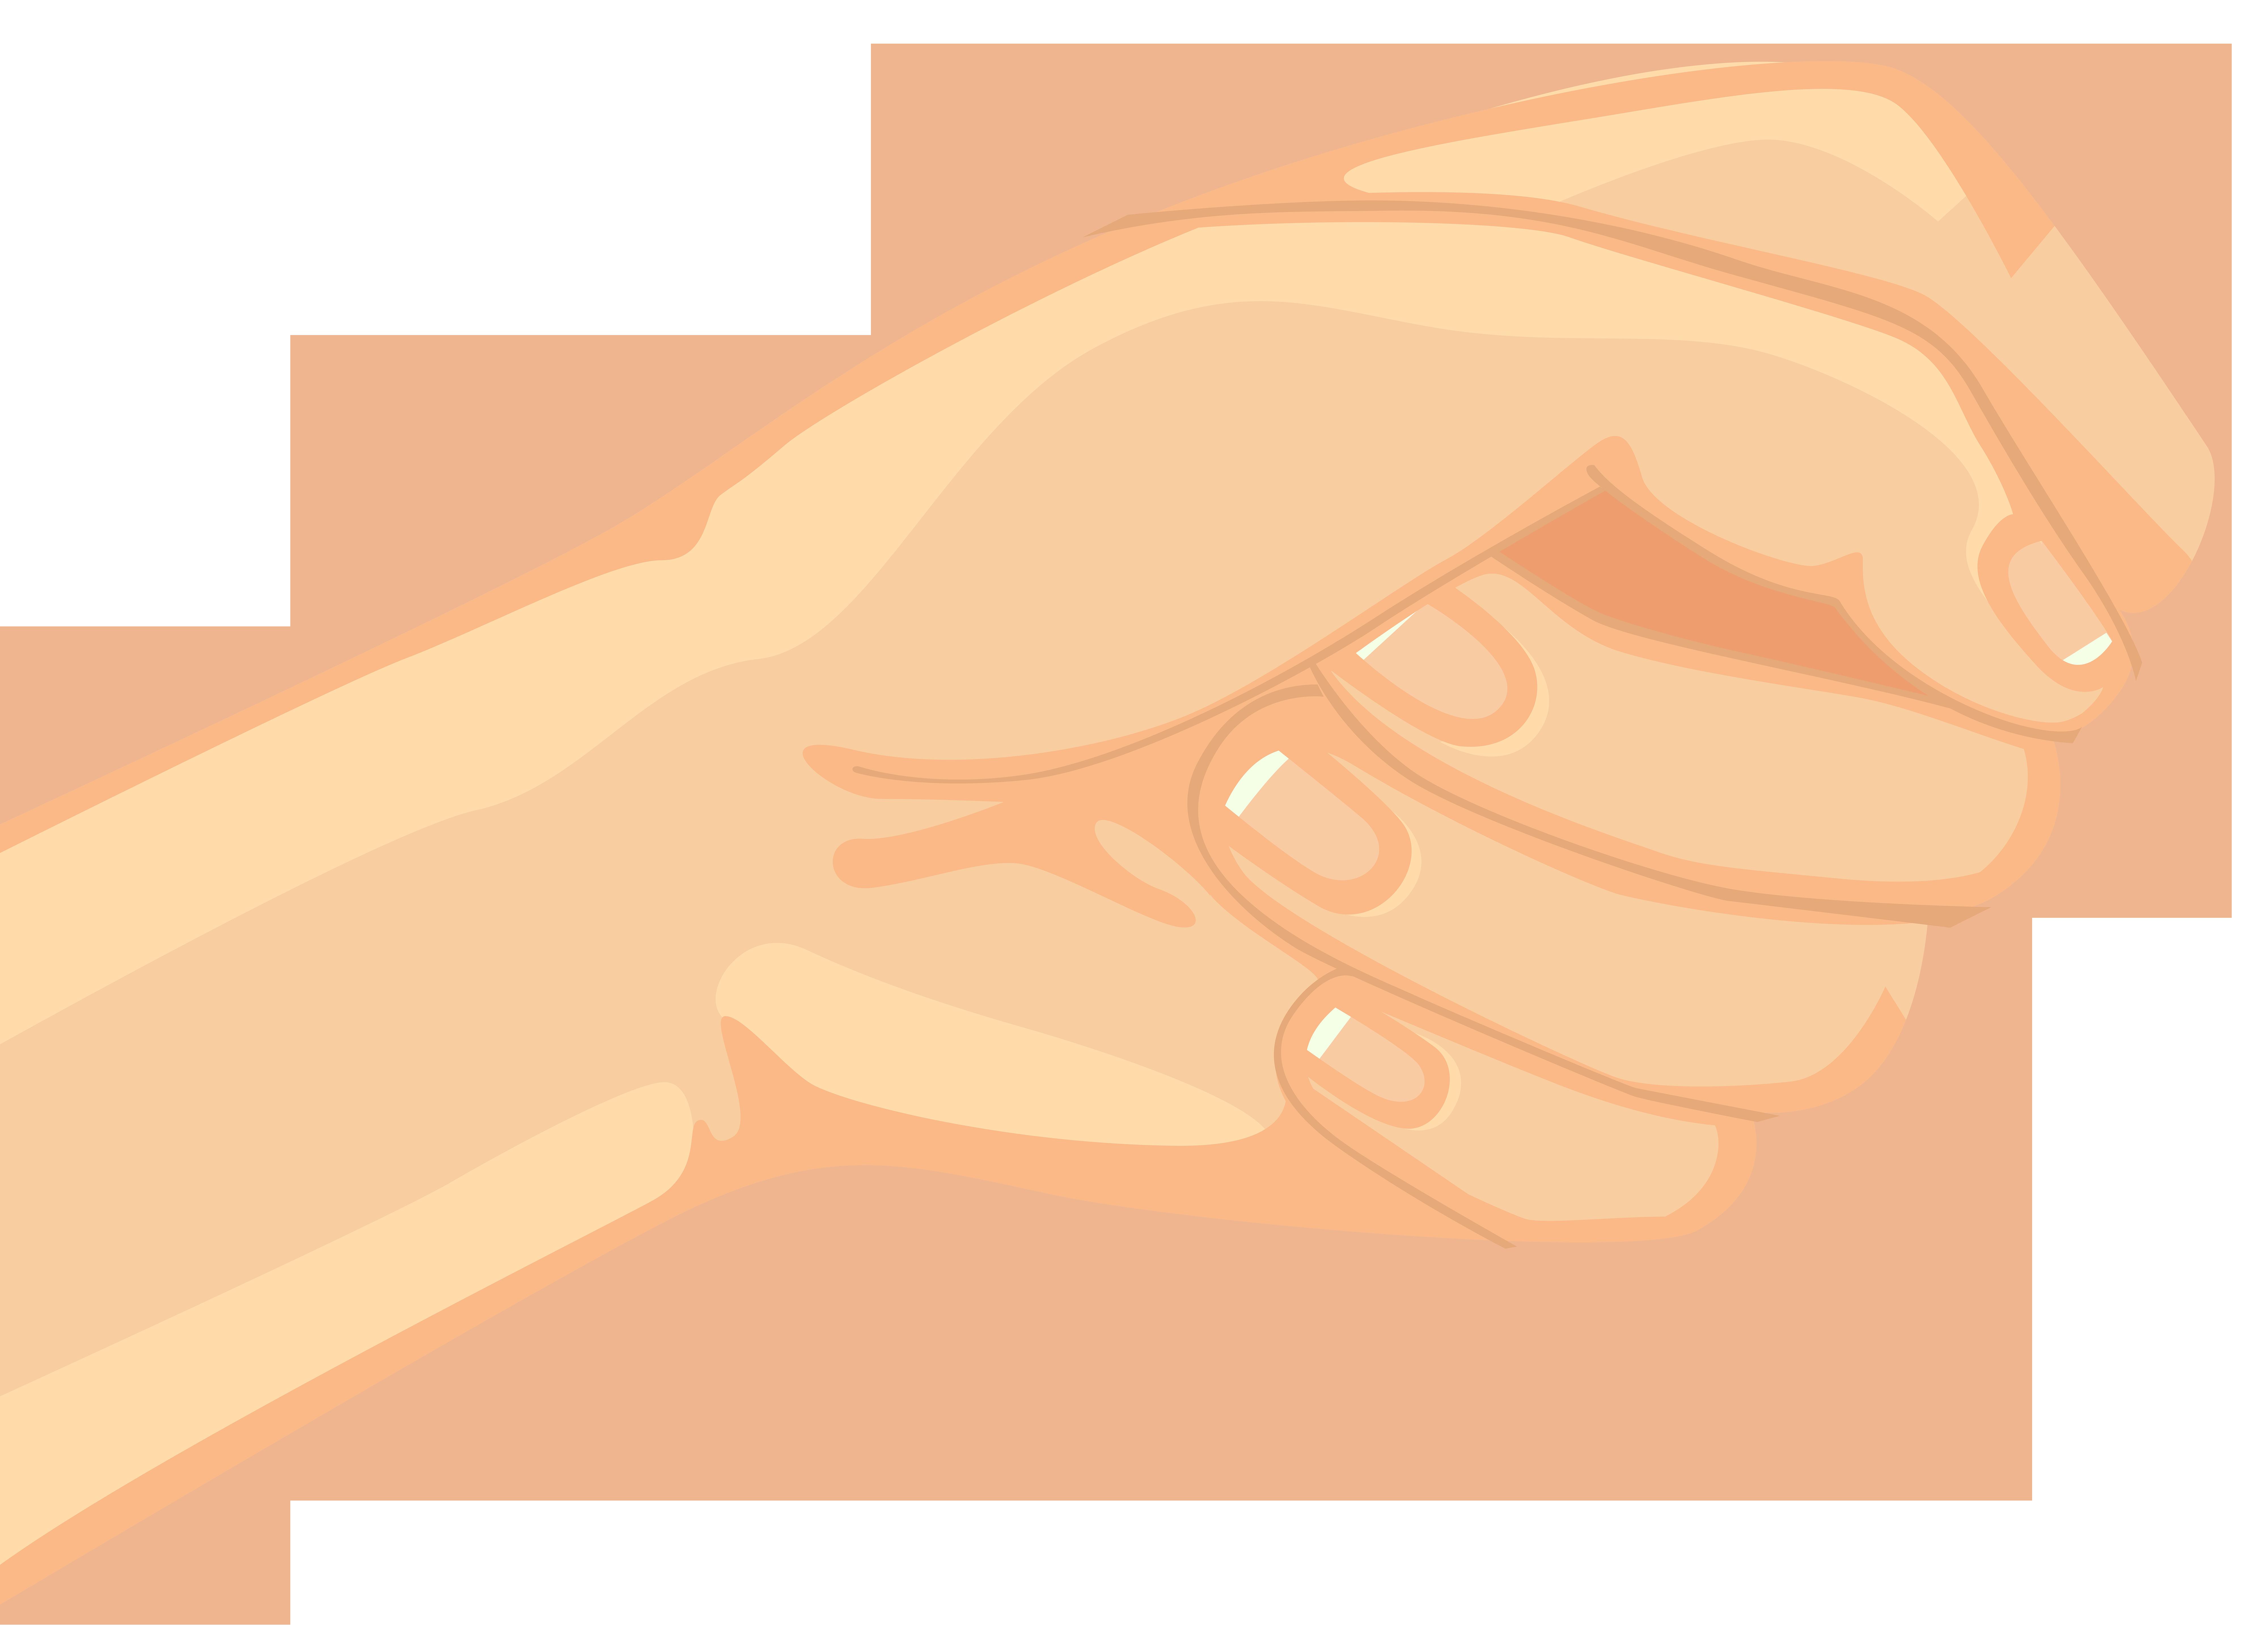 Hands clipart human hand. Png clip art best